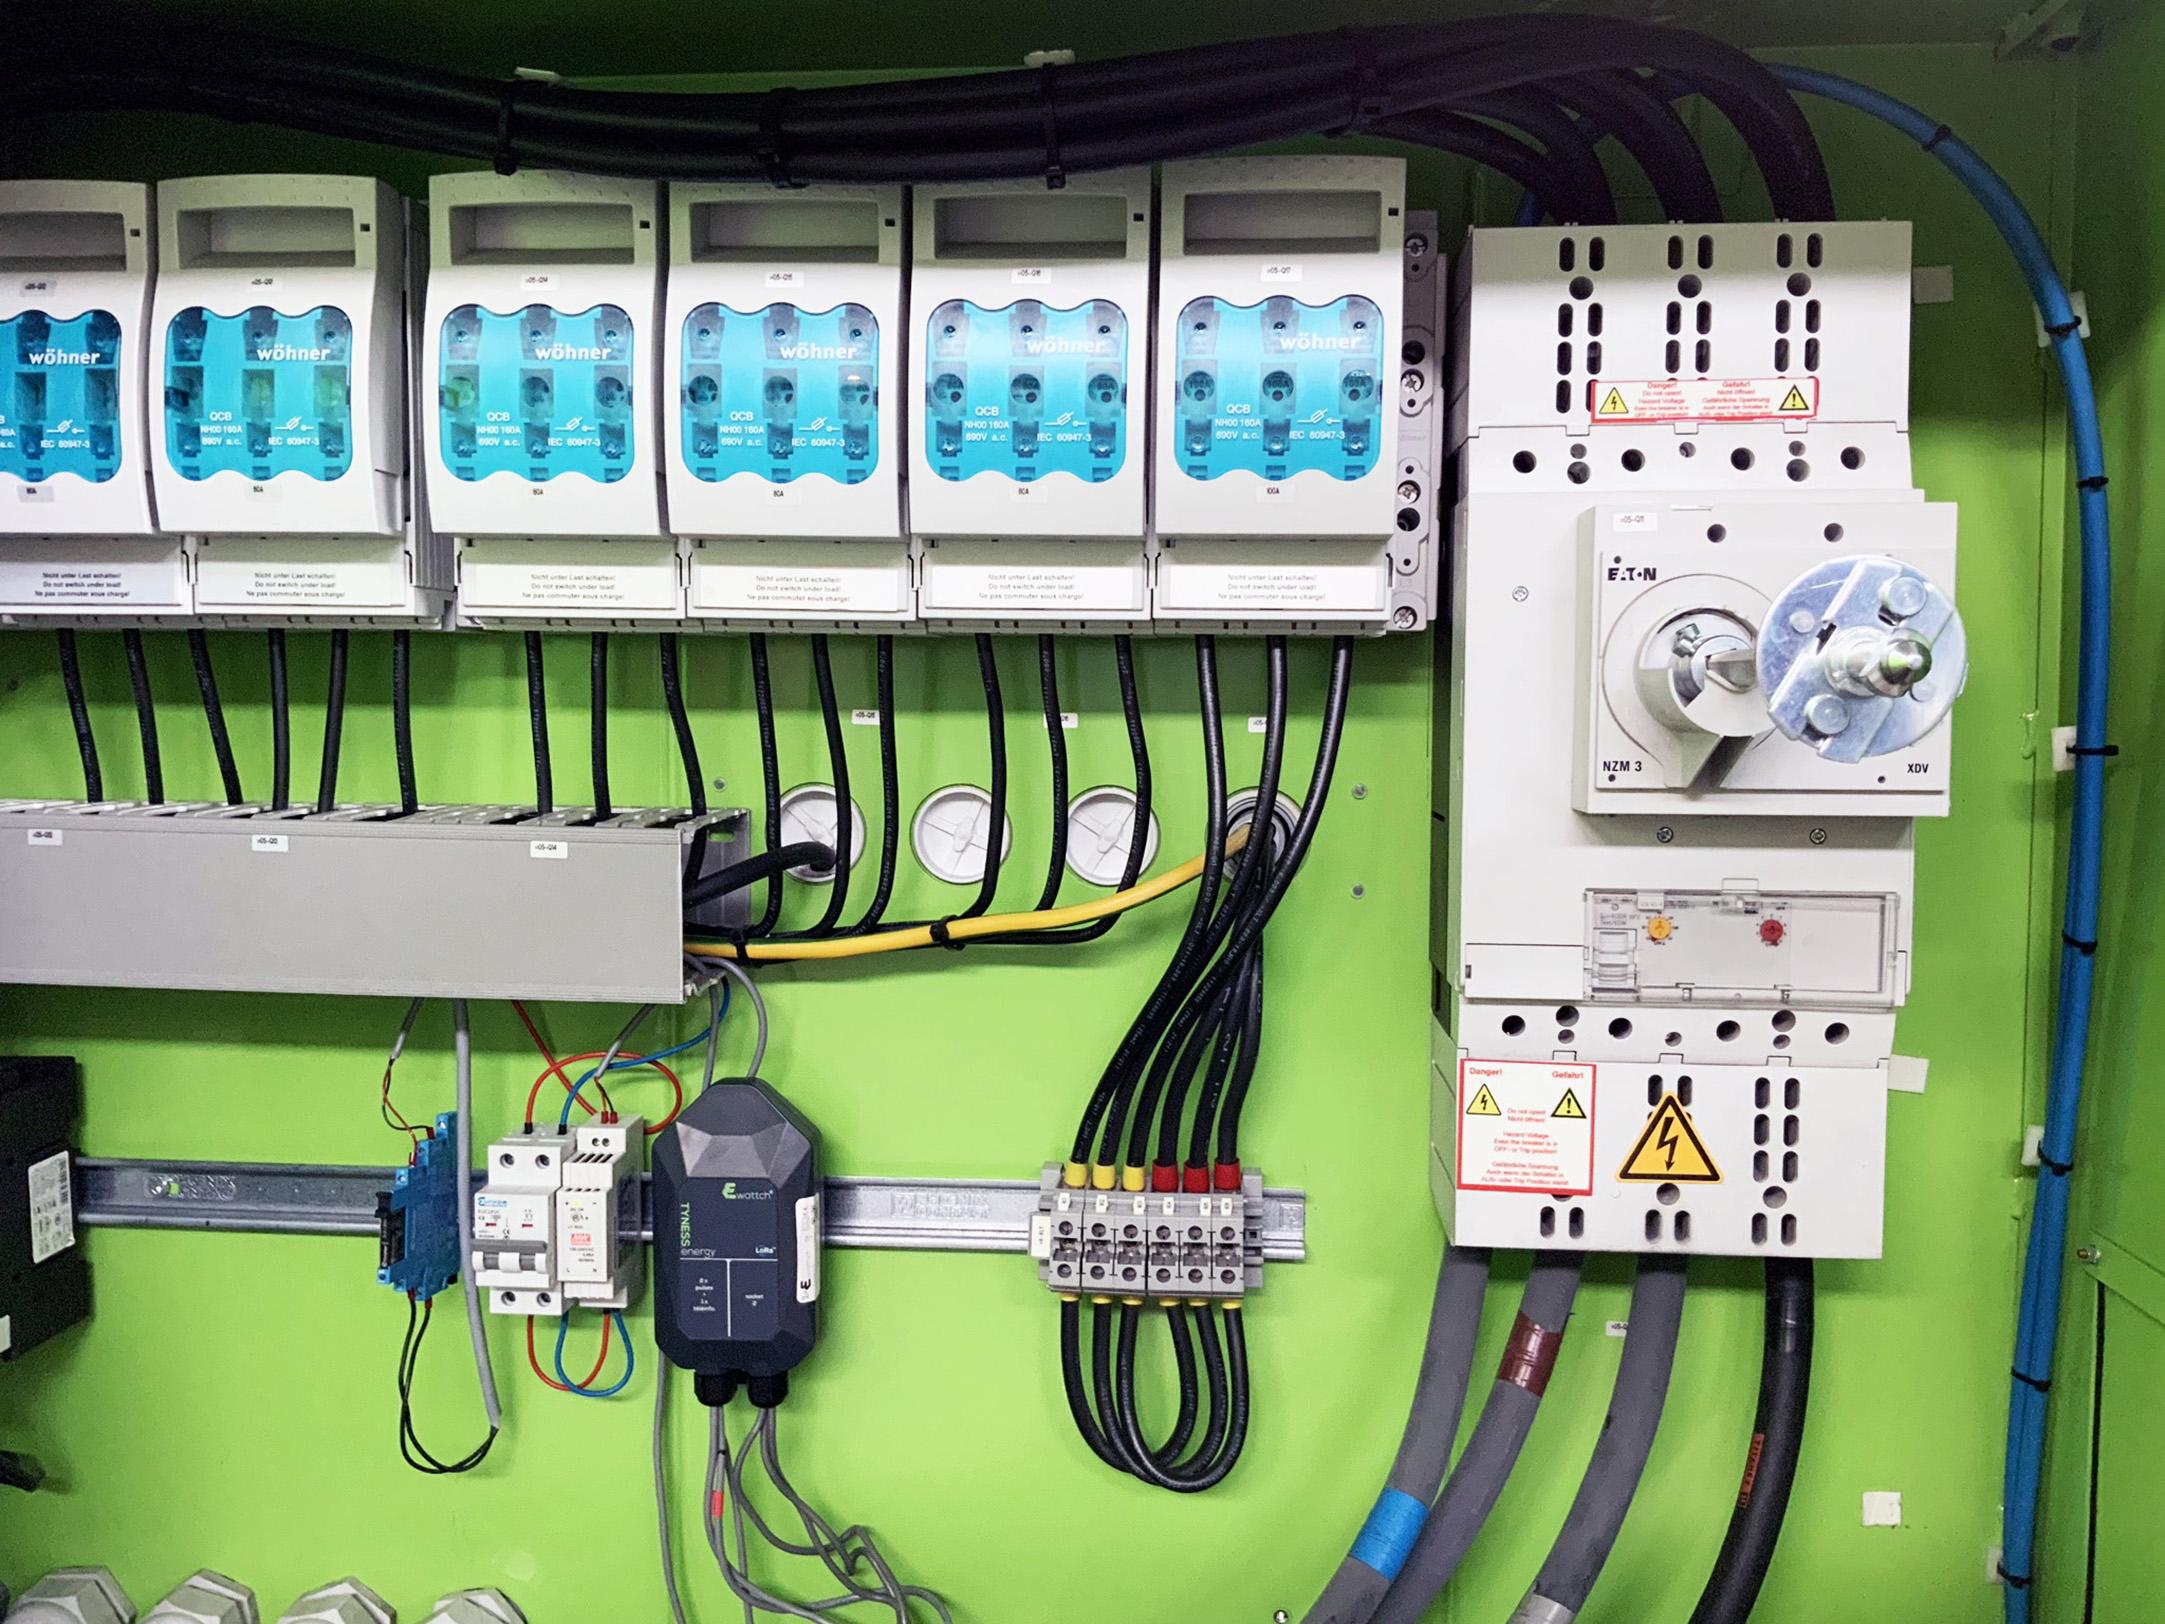 capteur connectee - capteur tyness ewattch - plasturgie 4.0 - plasturgie connecée - connecter l'injection plastique - mesure des consommations énergétiques - optimisation usine d'injection plastique